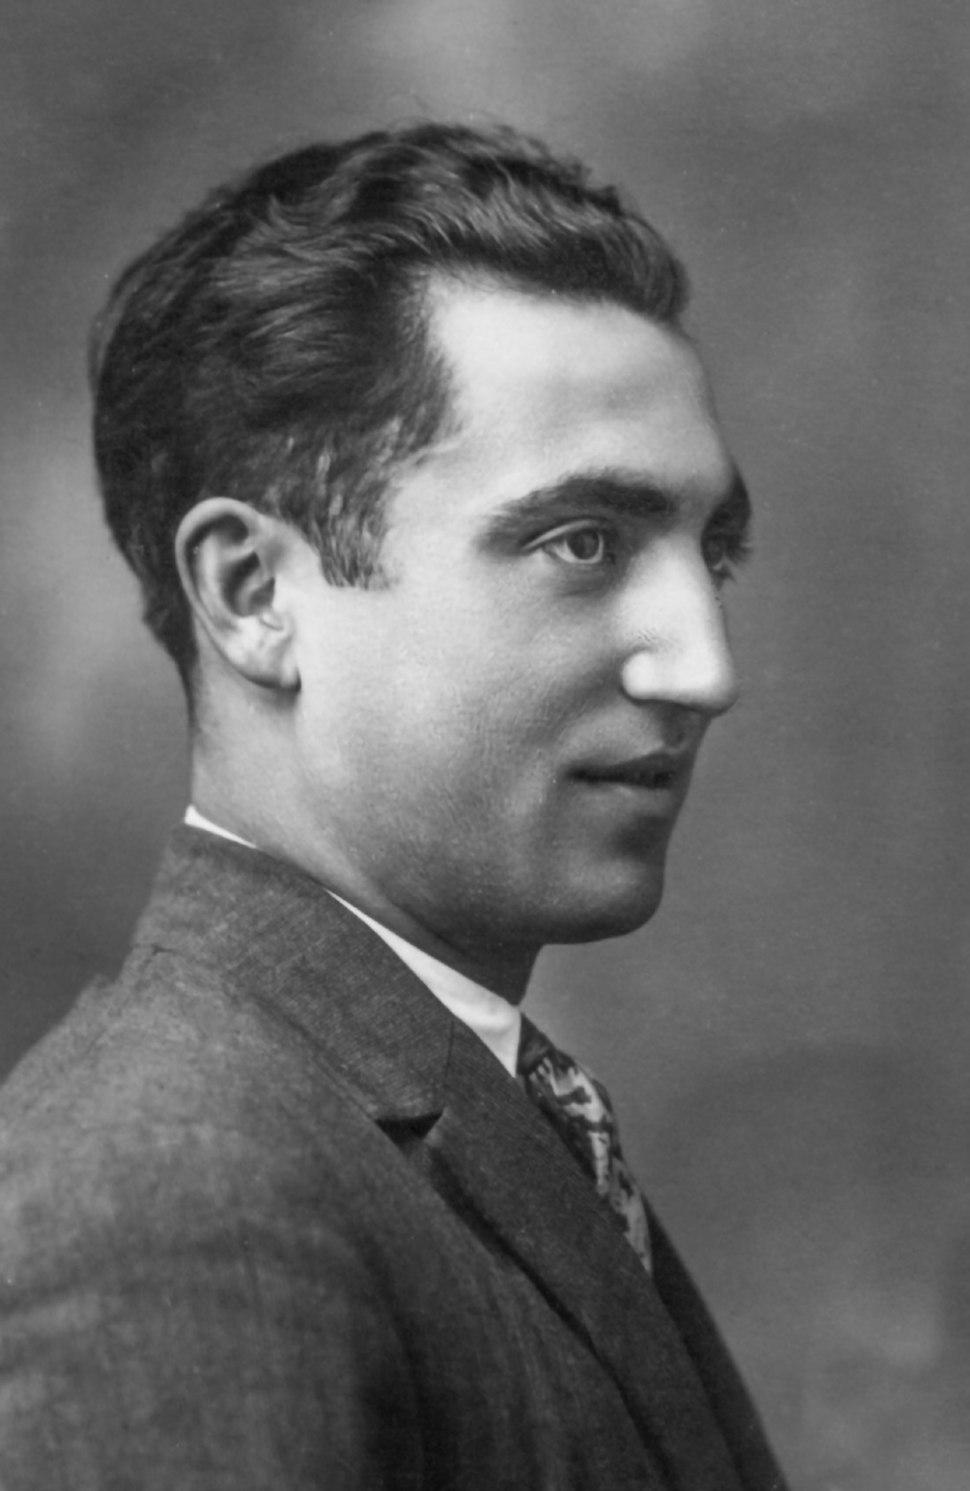 Antonio Fraguas Fraguas, c. 1925